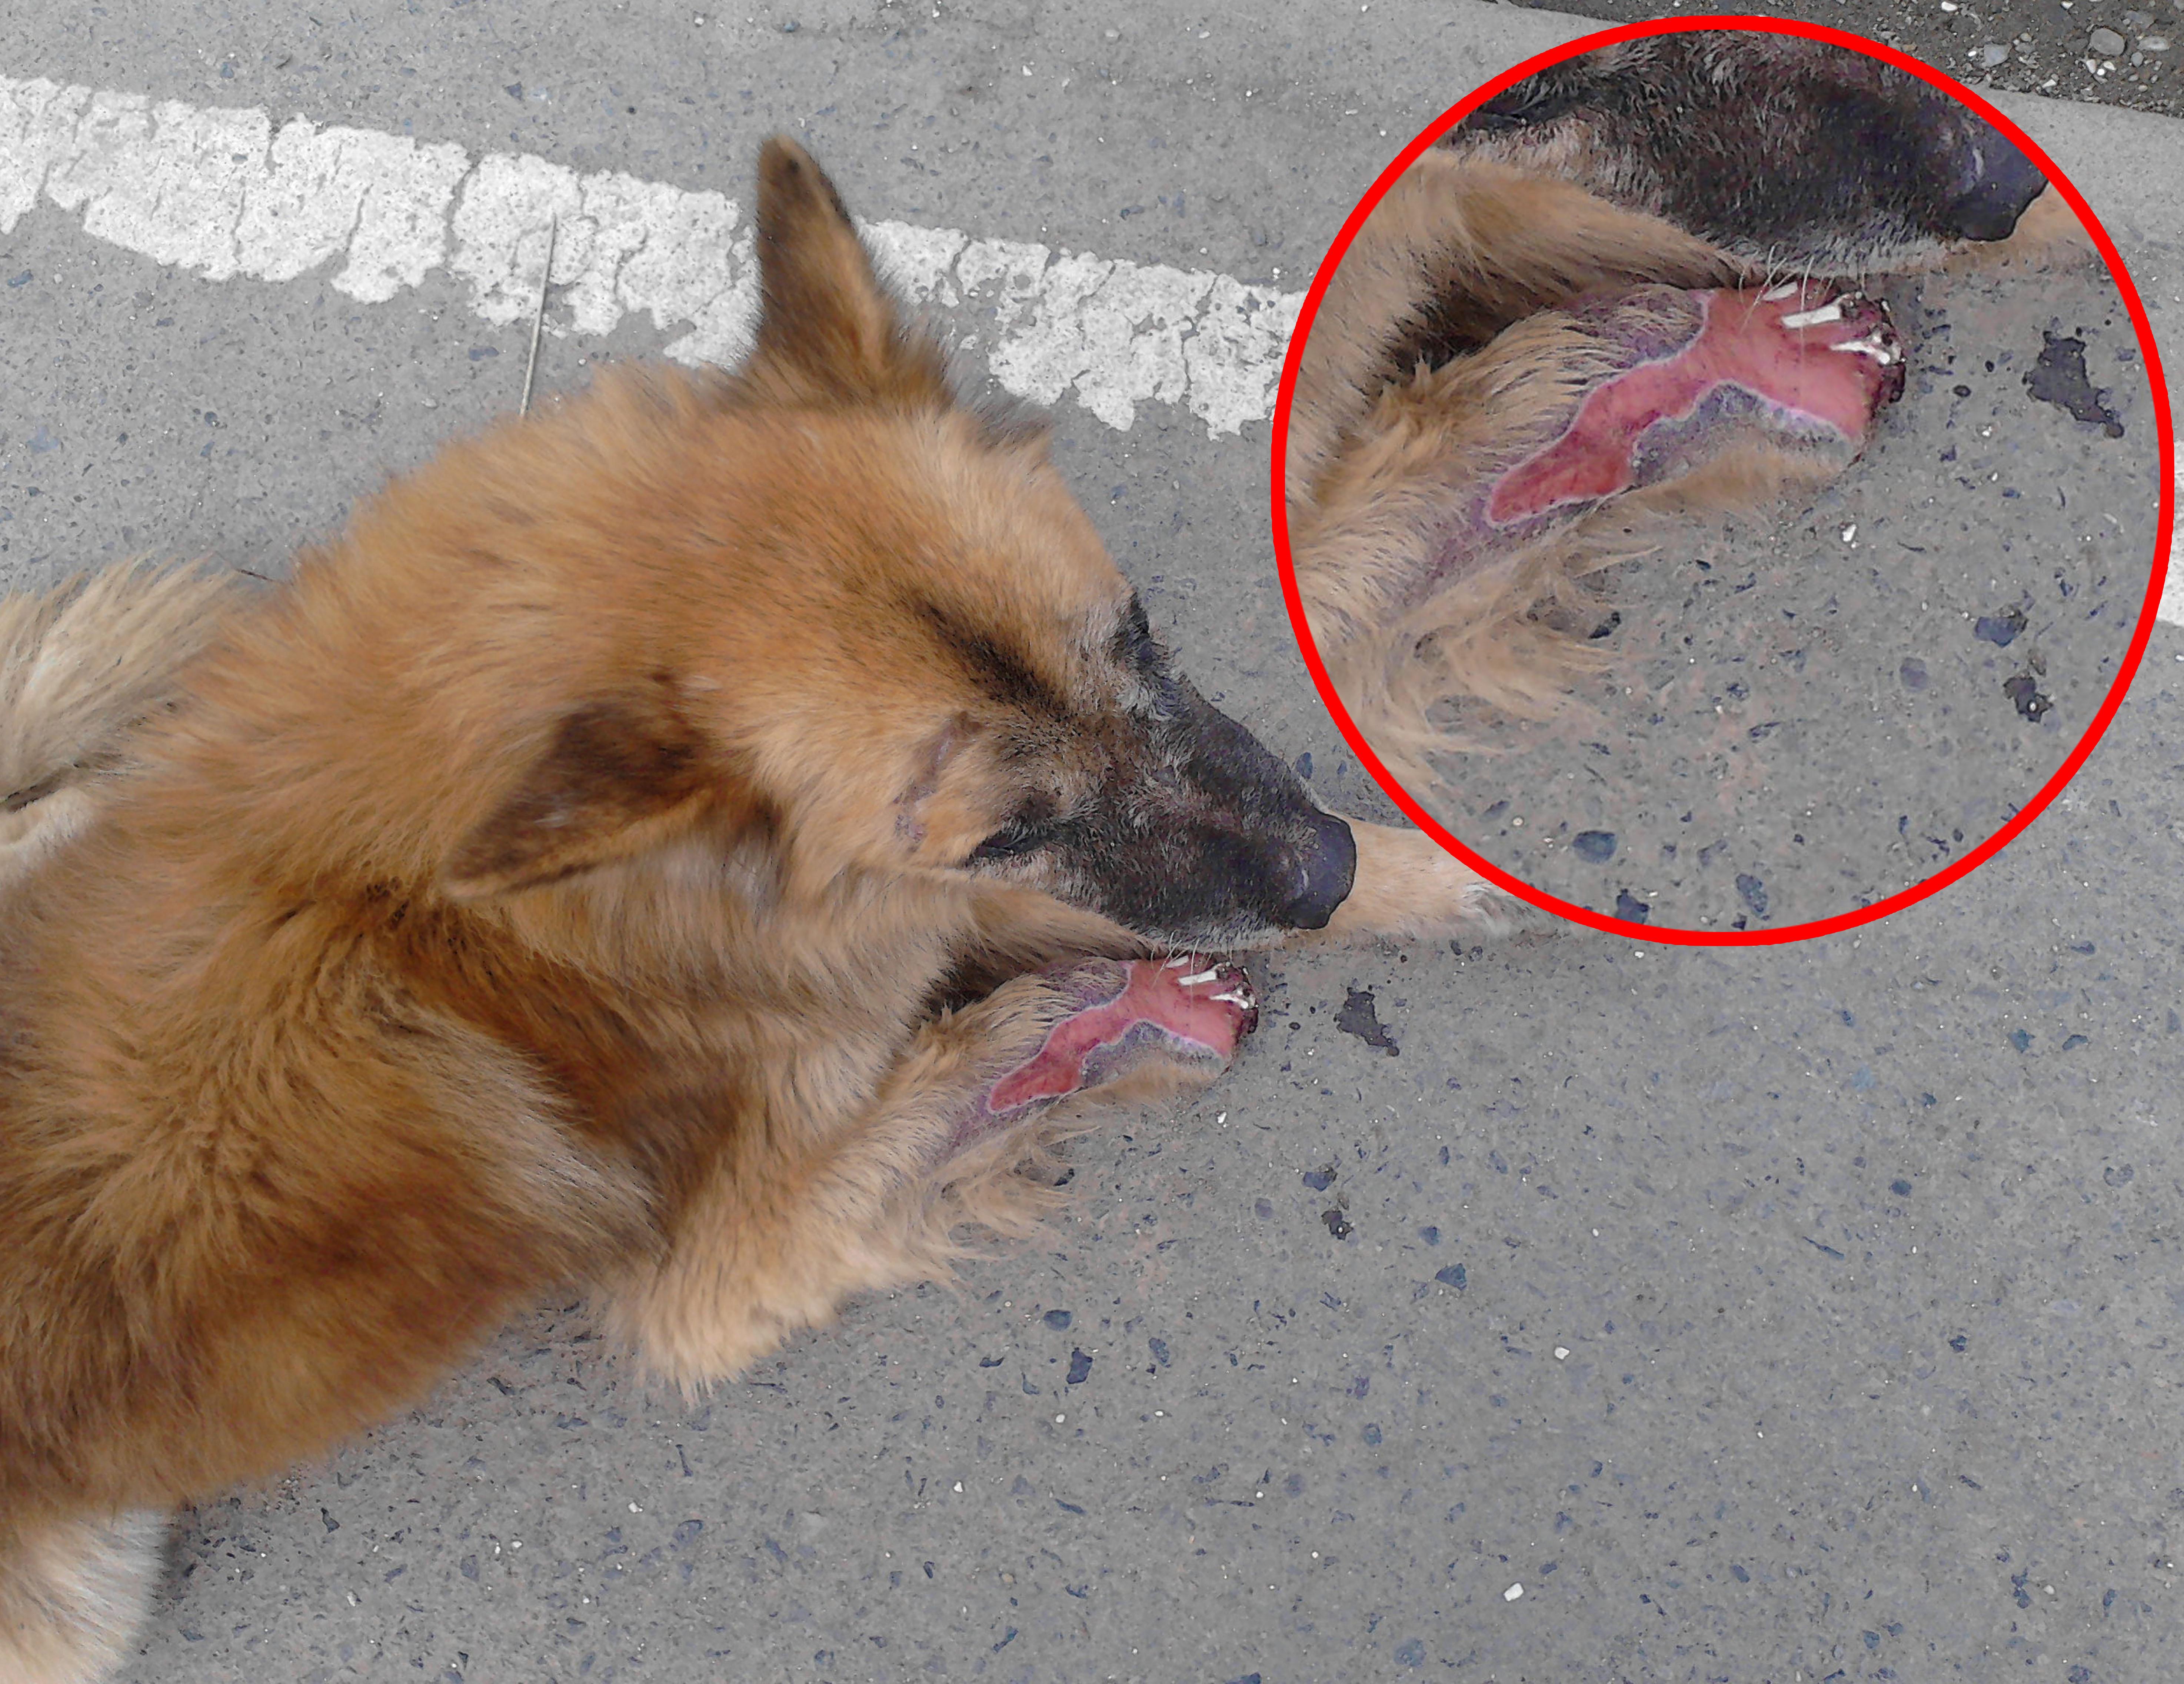 Perrito con su pata herida necesita de ayuda médica con urgencia en ...